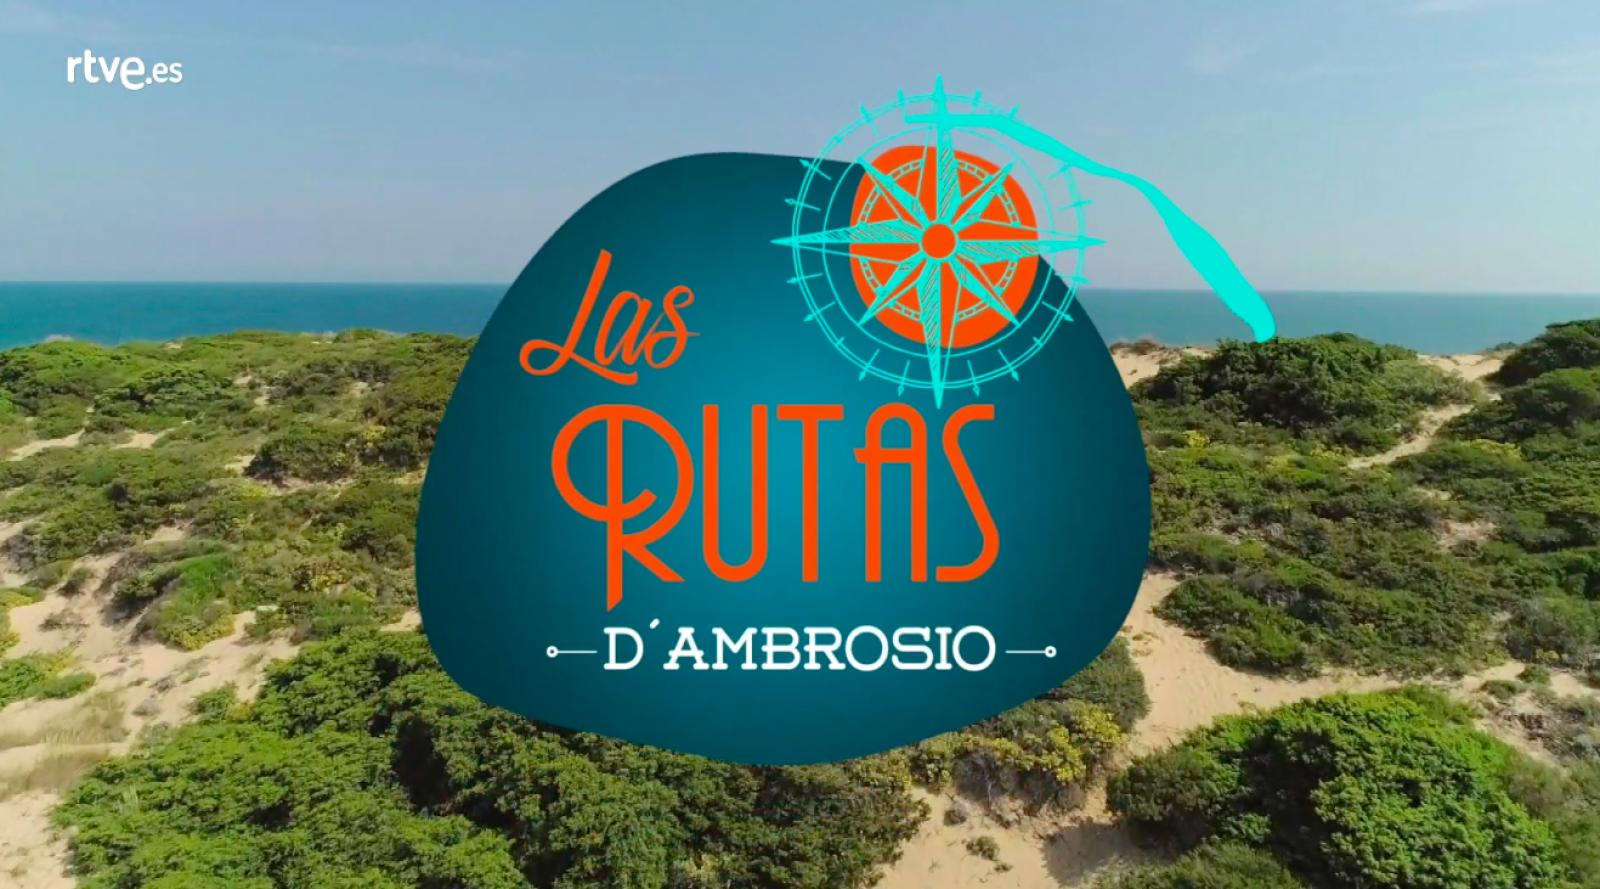 Las rutas d'Ambrosio - Arranca la 5a temporada con el Chef Gonzalo d'Ambrosio